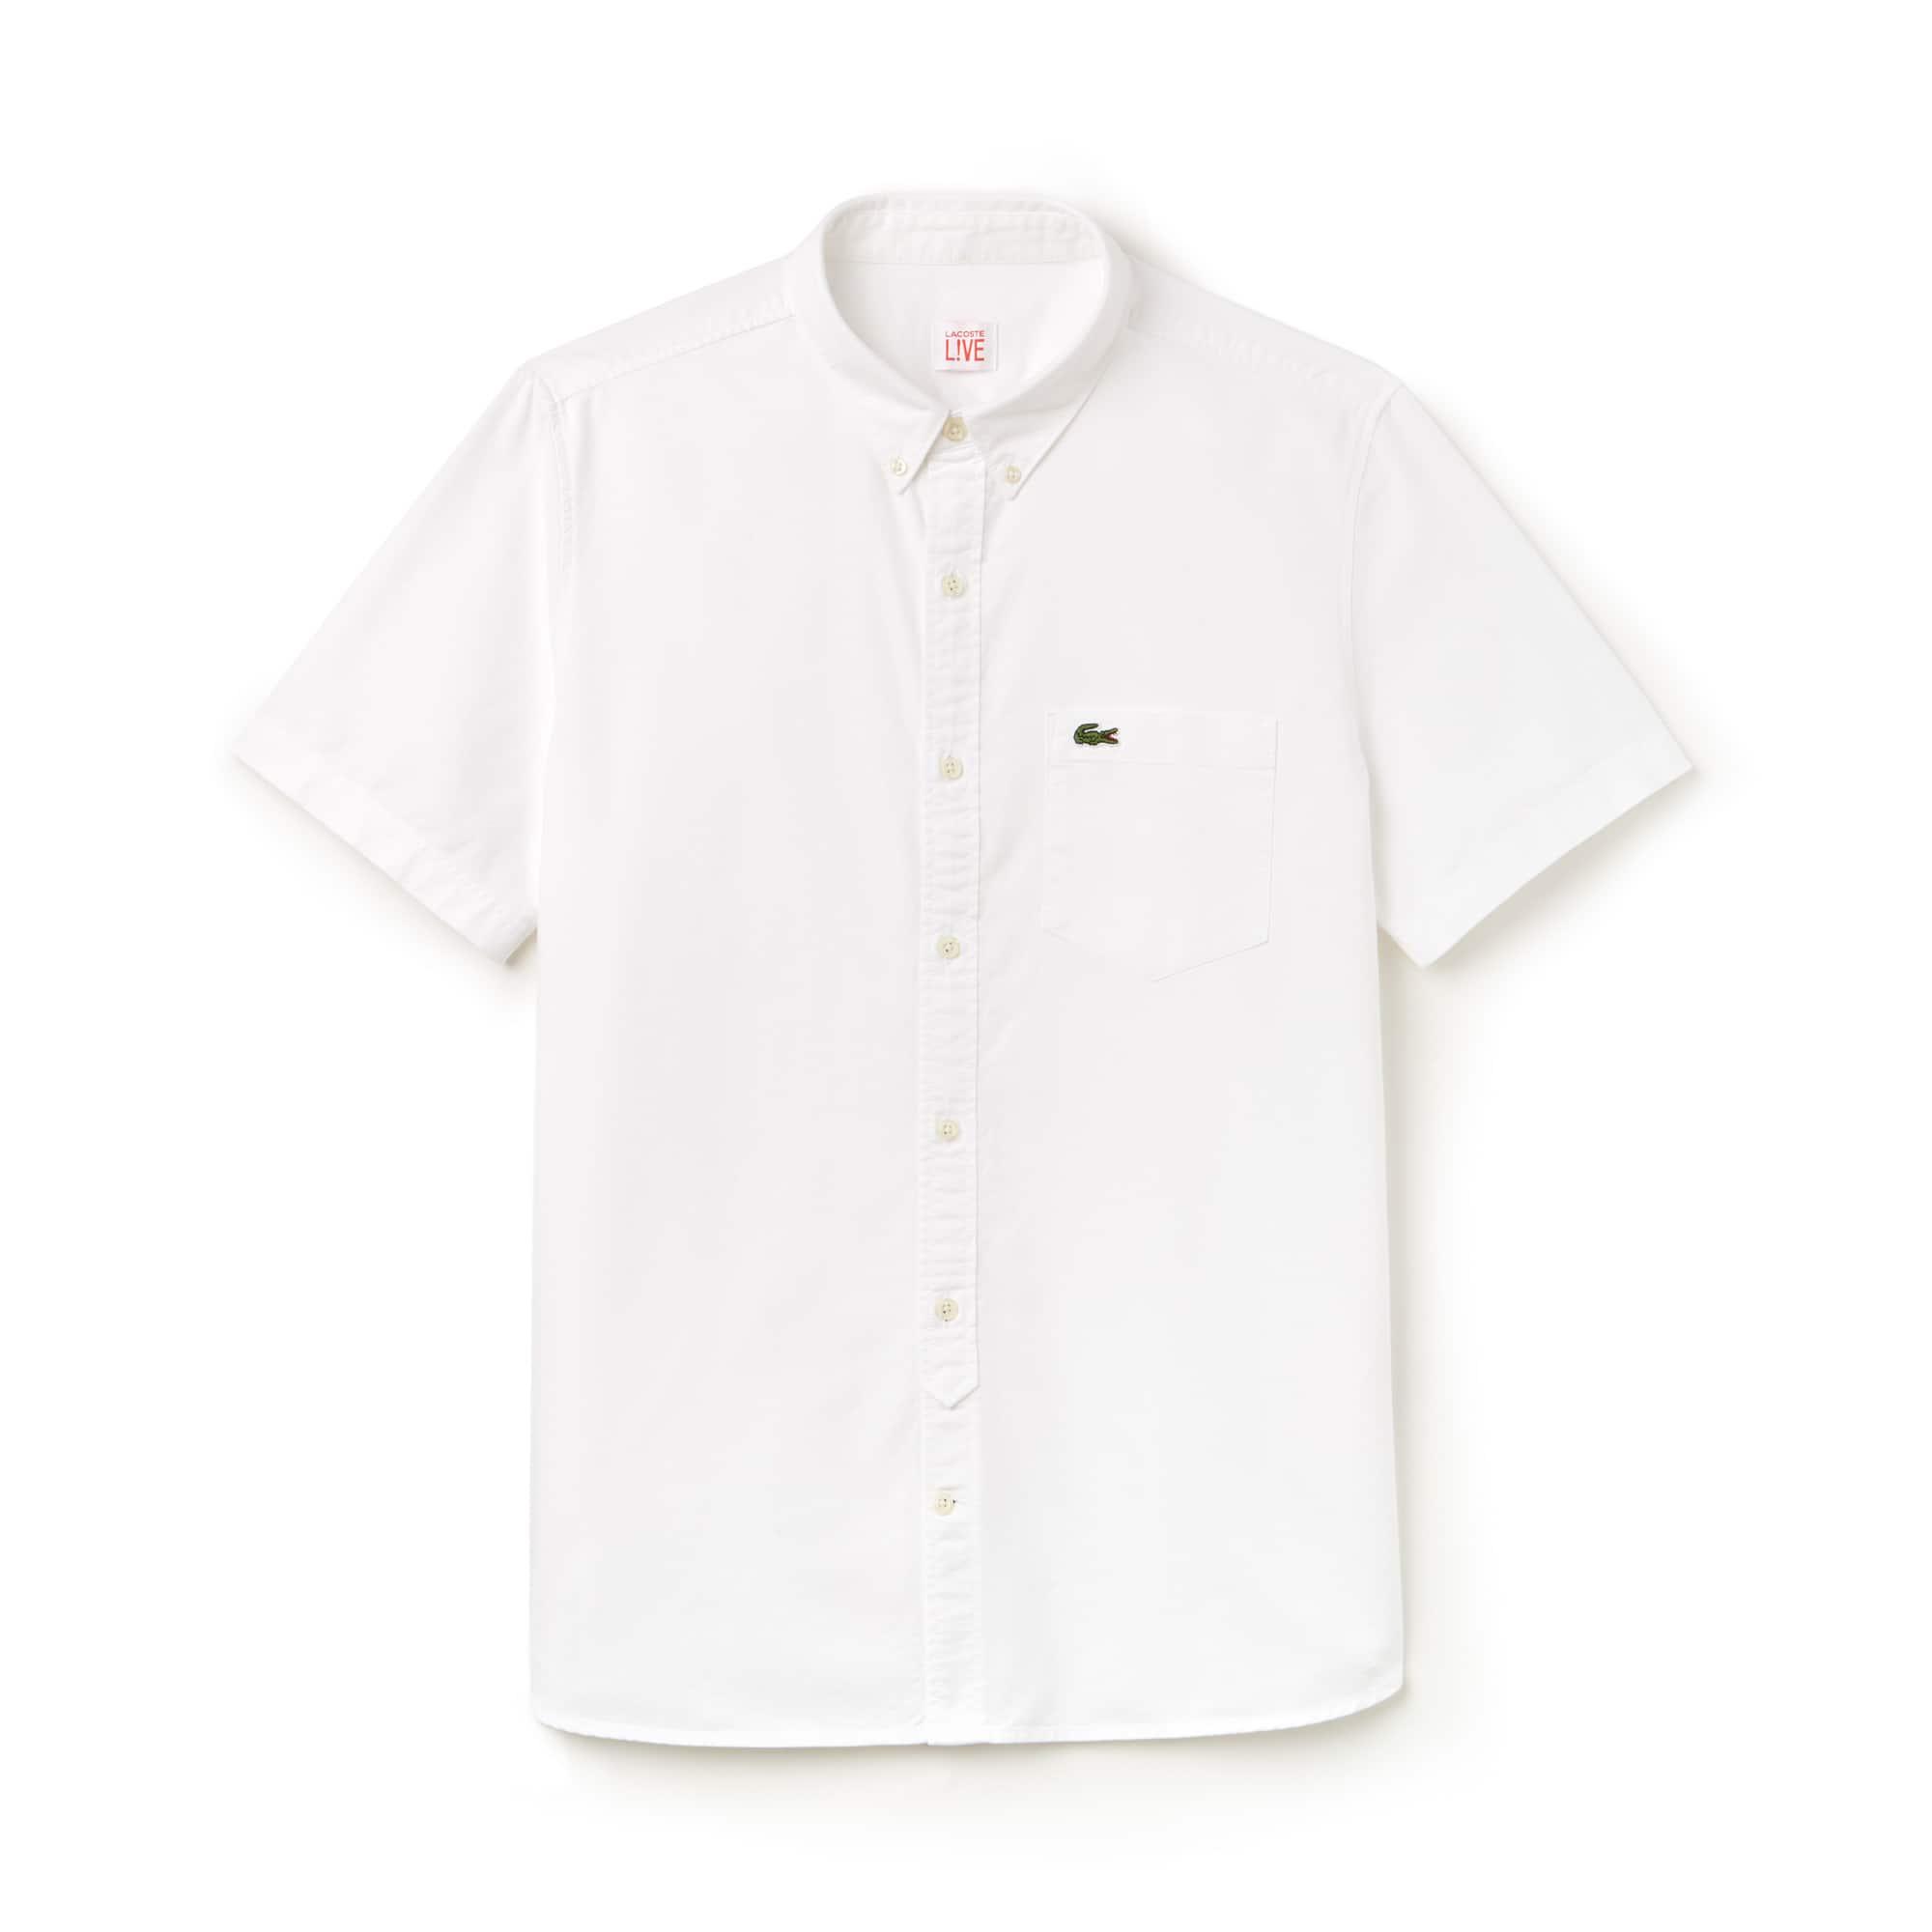 Men's Lacoste LIVE Oxford Cotton Shirt